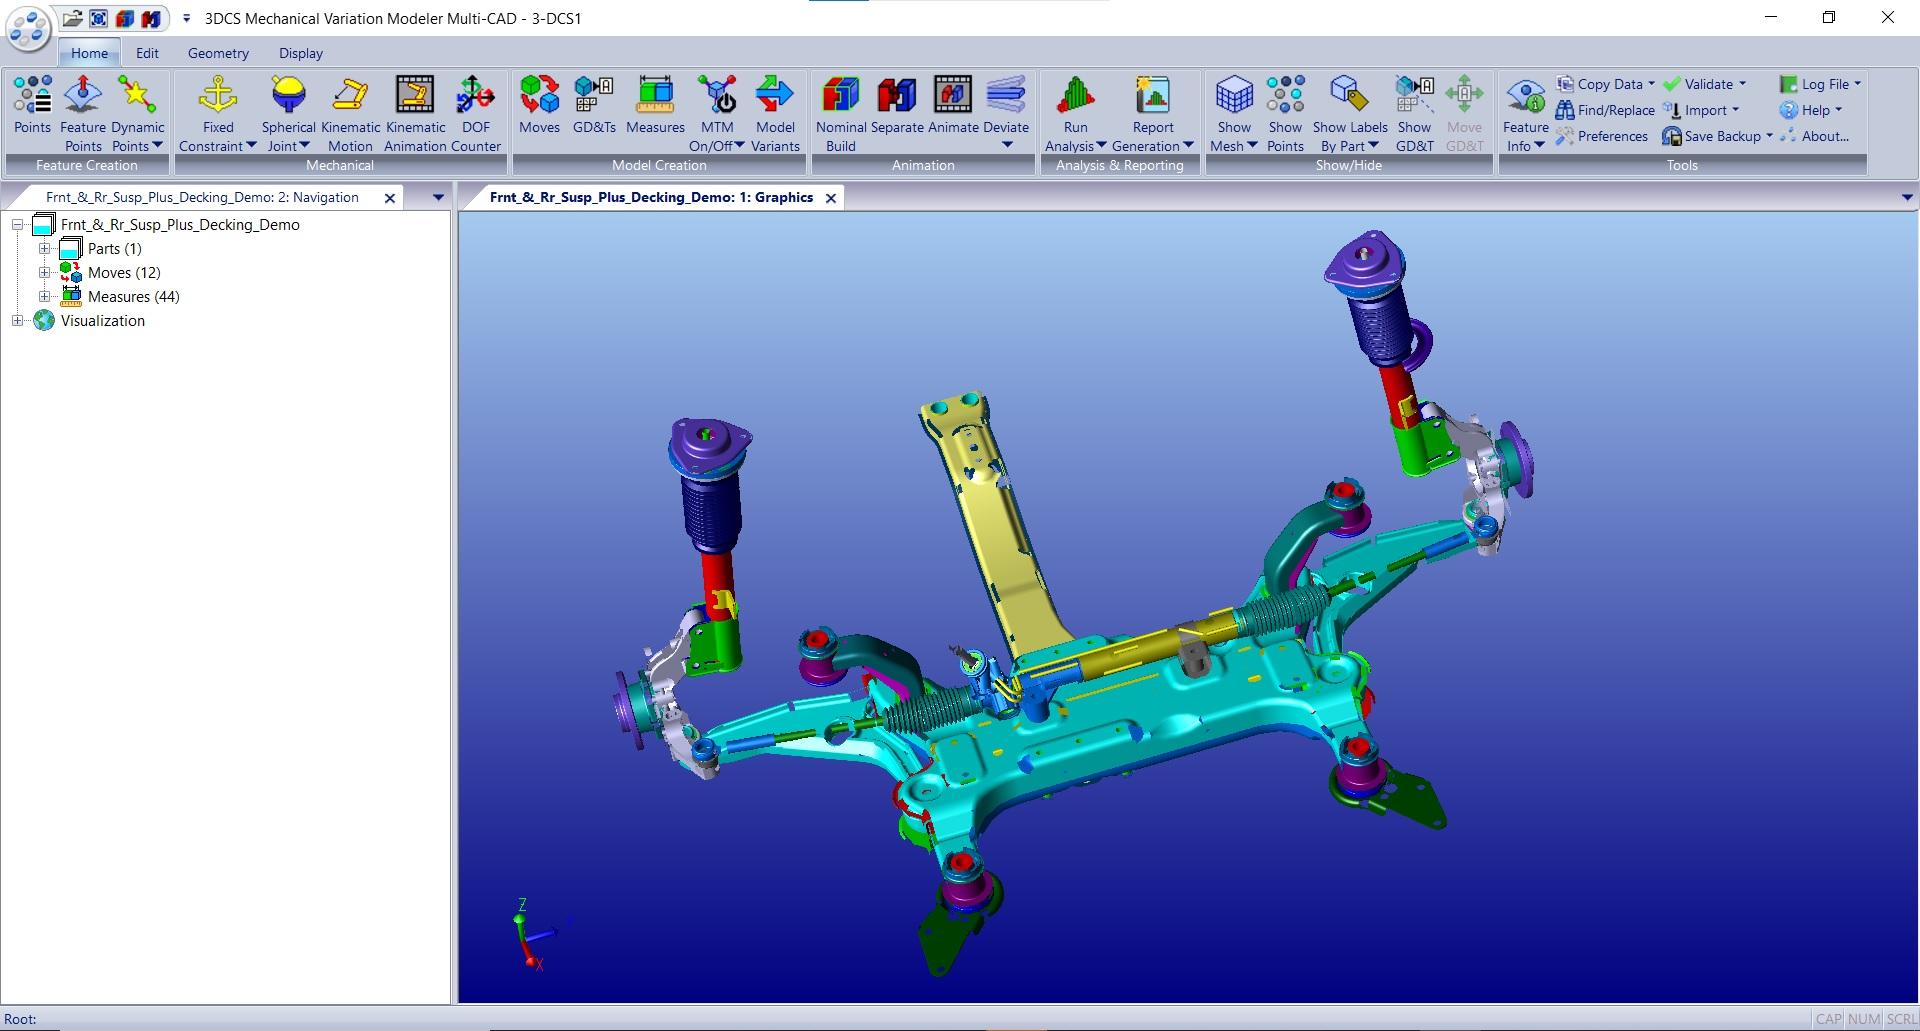 Suspension in 3DCS MVM Multi-CAD